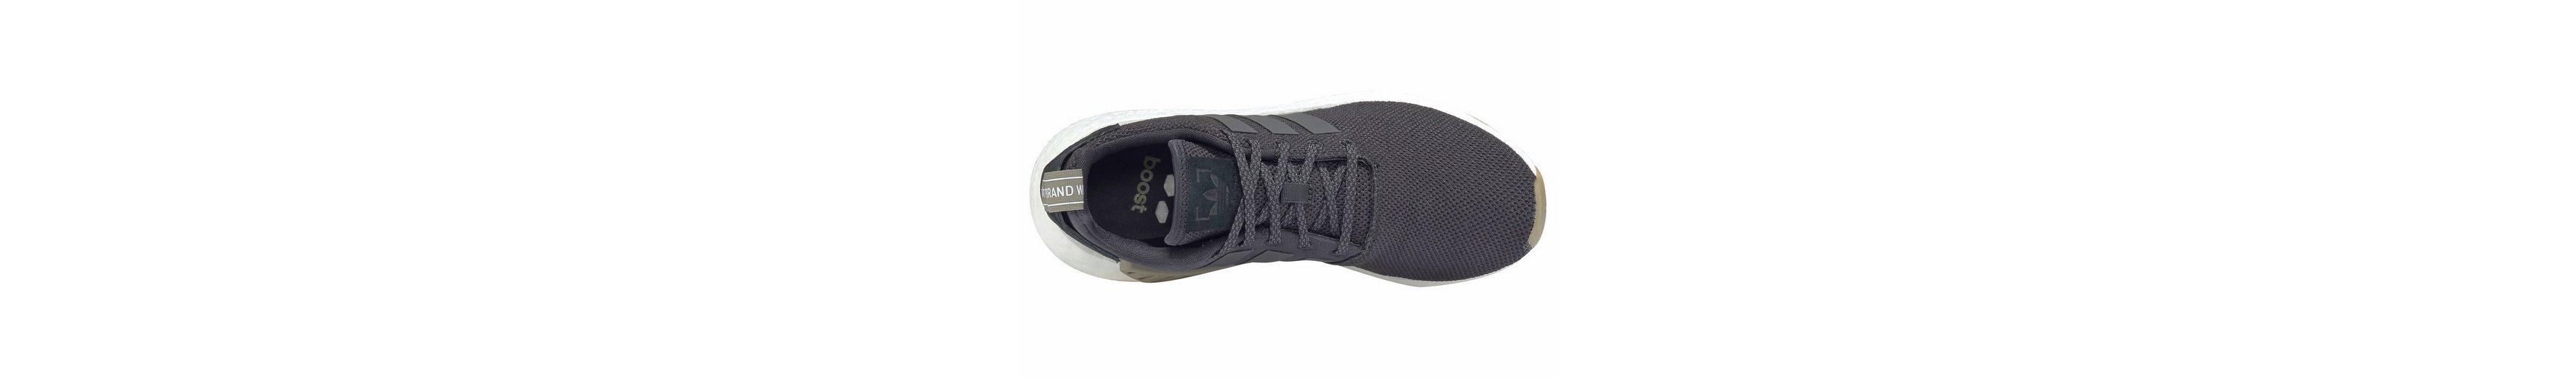 adidas Originals NMD R2 Sneaker Rabatt Professionelle Preise Und Verfügbarkeit Für Verkauf gxXvJz7Cko